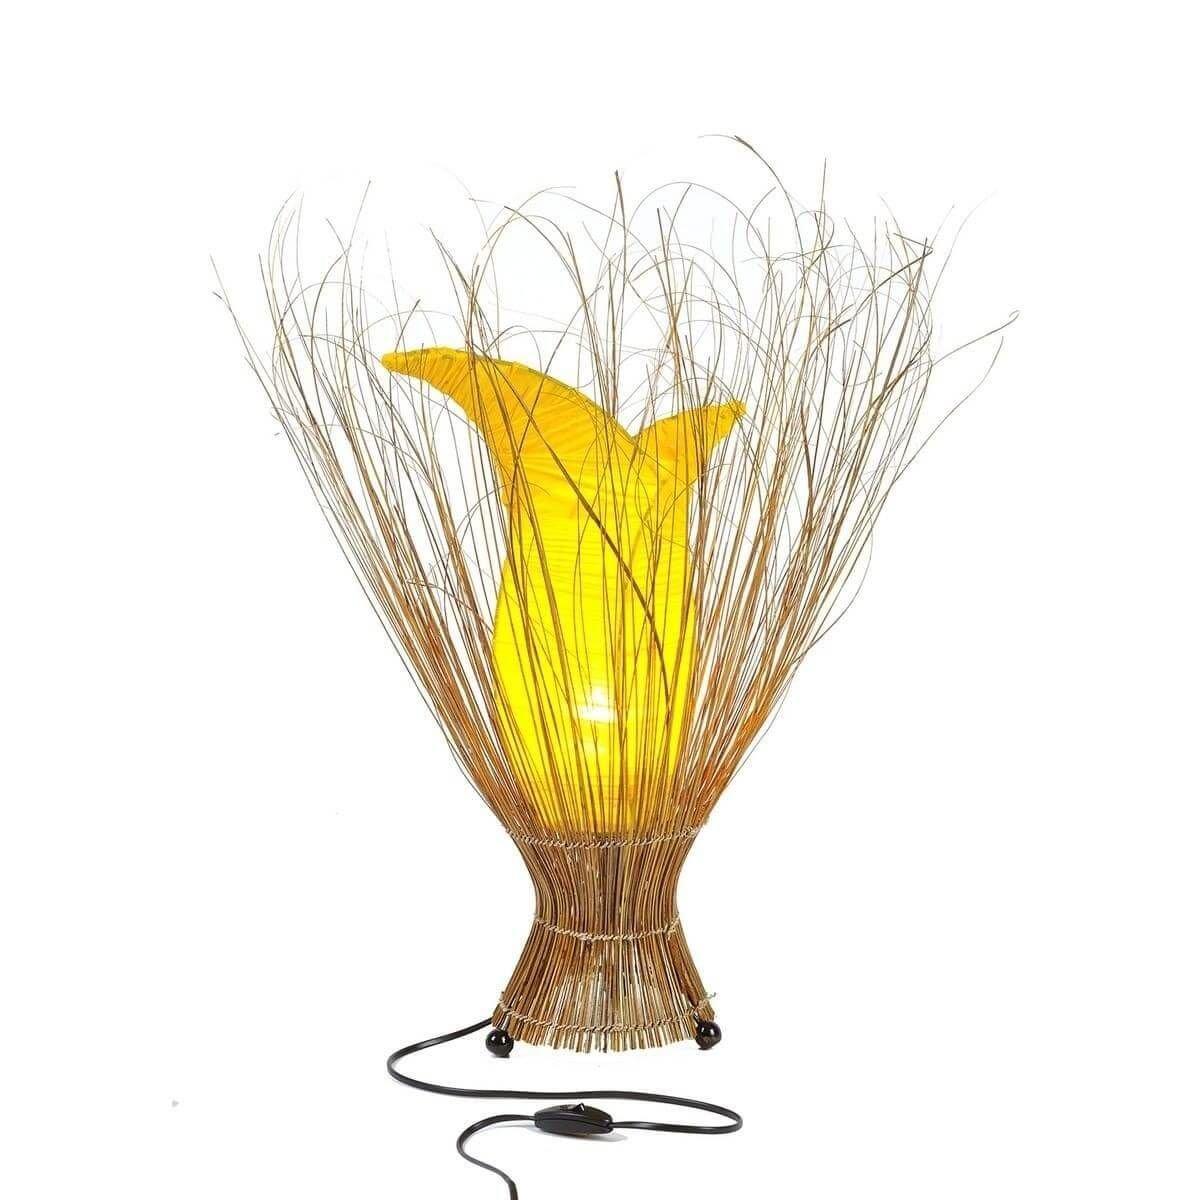 Deko-Leuchte Stimmungsleuchte Stehleuchte Tischleuchte Tischlampe Bali Asia TULPE groß 100 cm Farbe Gelb